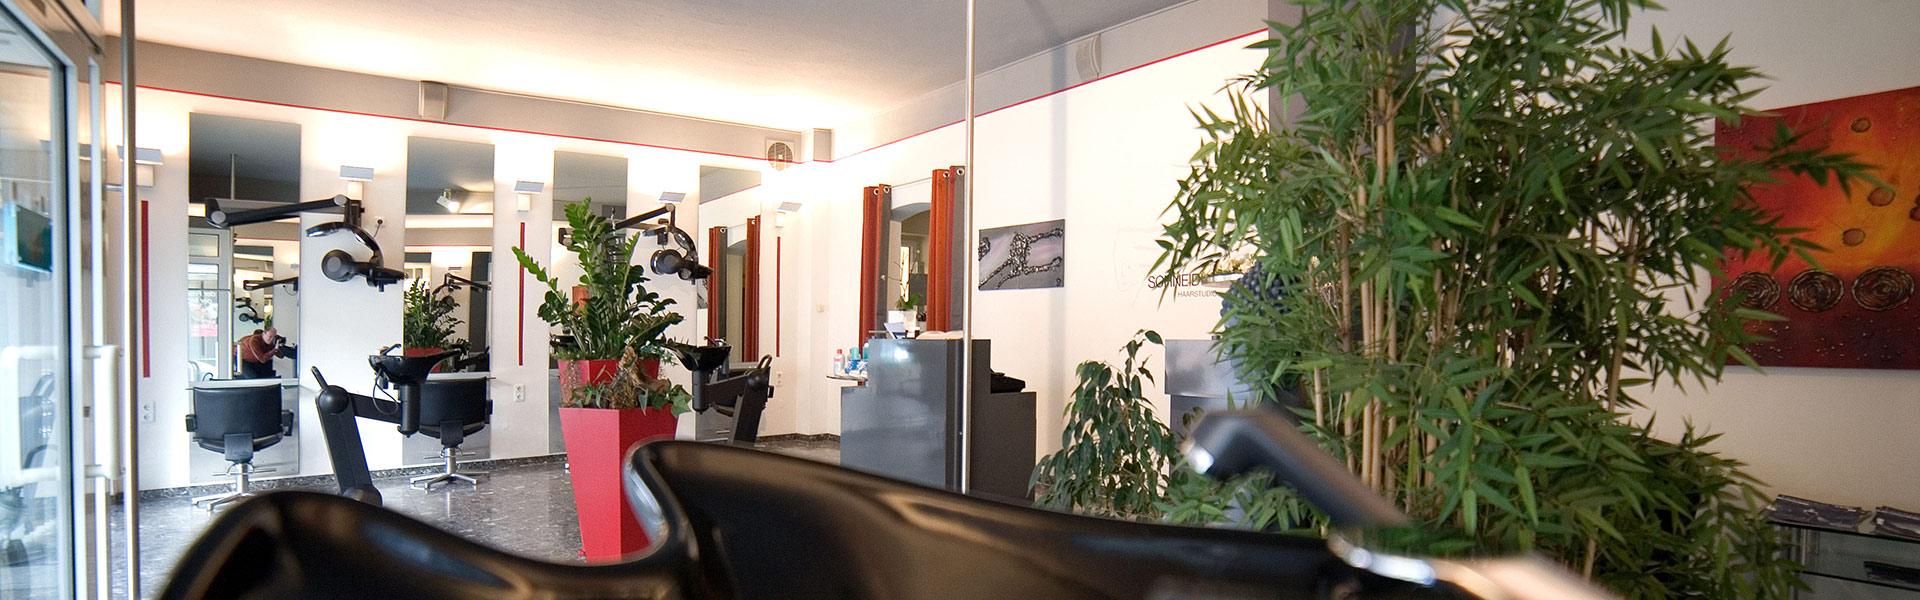 Leistungen von Haarstudio Schneider